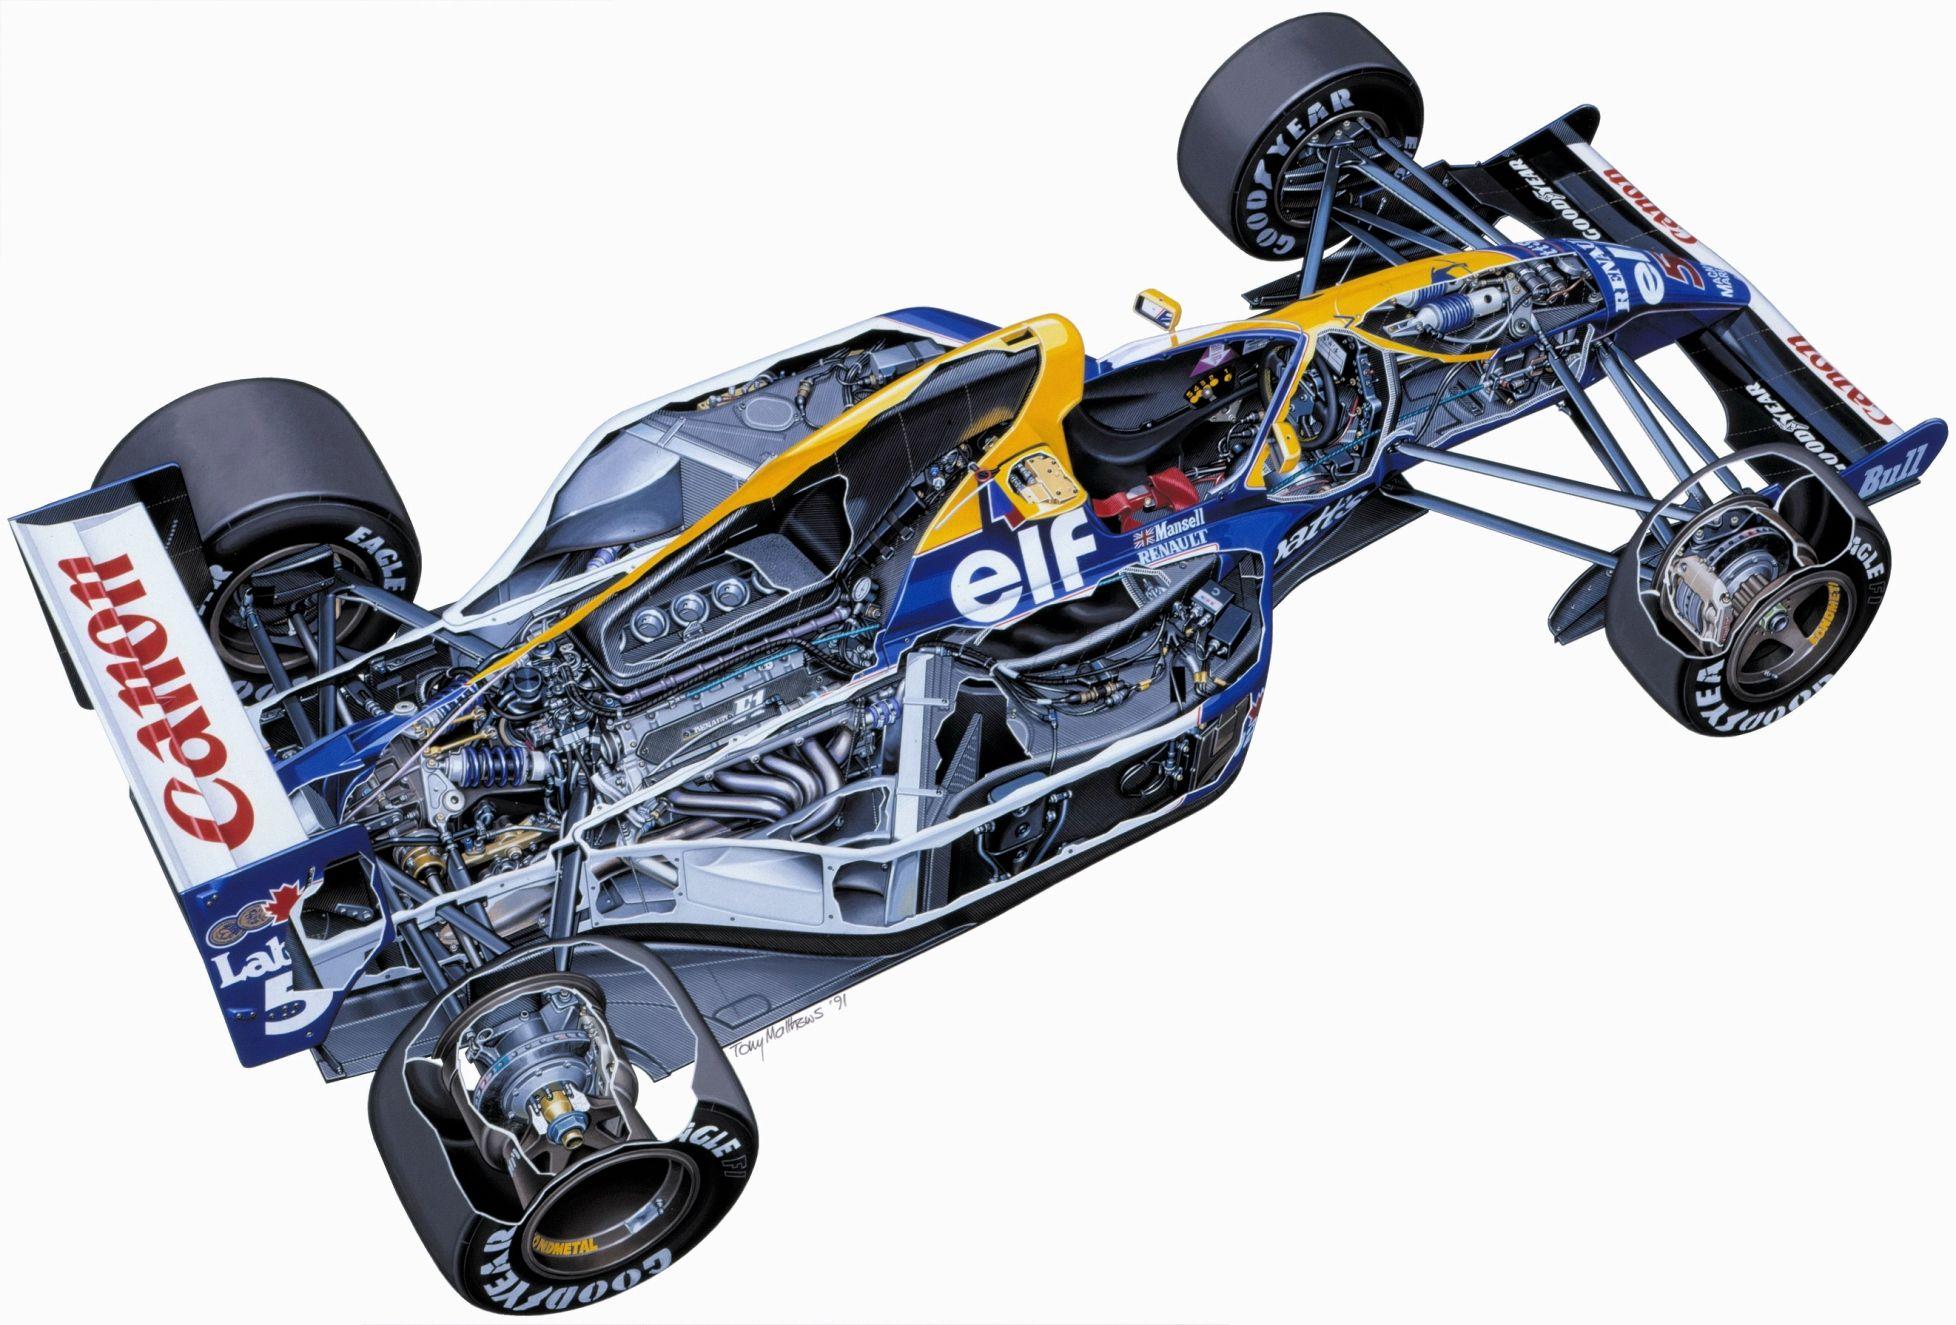 Chassis design of f1 car - Cutaway Drawing Diagramas Em 3d De Maquinas Mostrando Partes Internas Fotos Car Illustrationcutawayf1